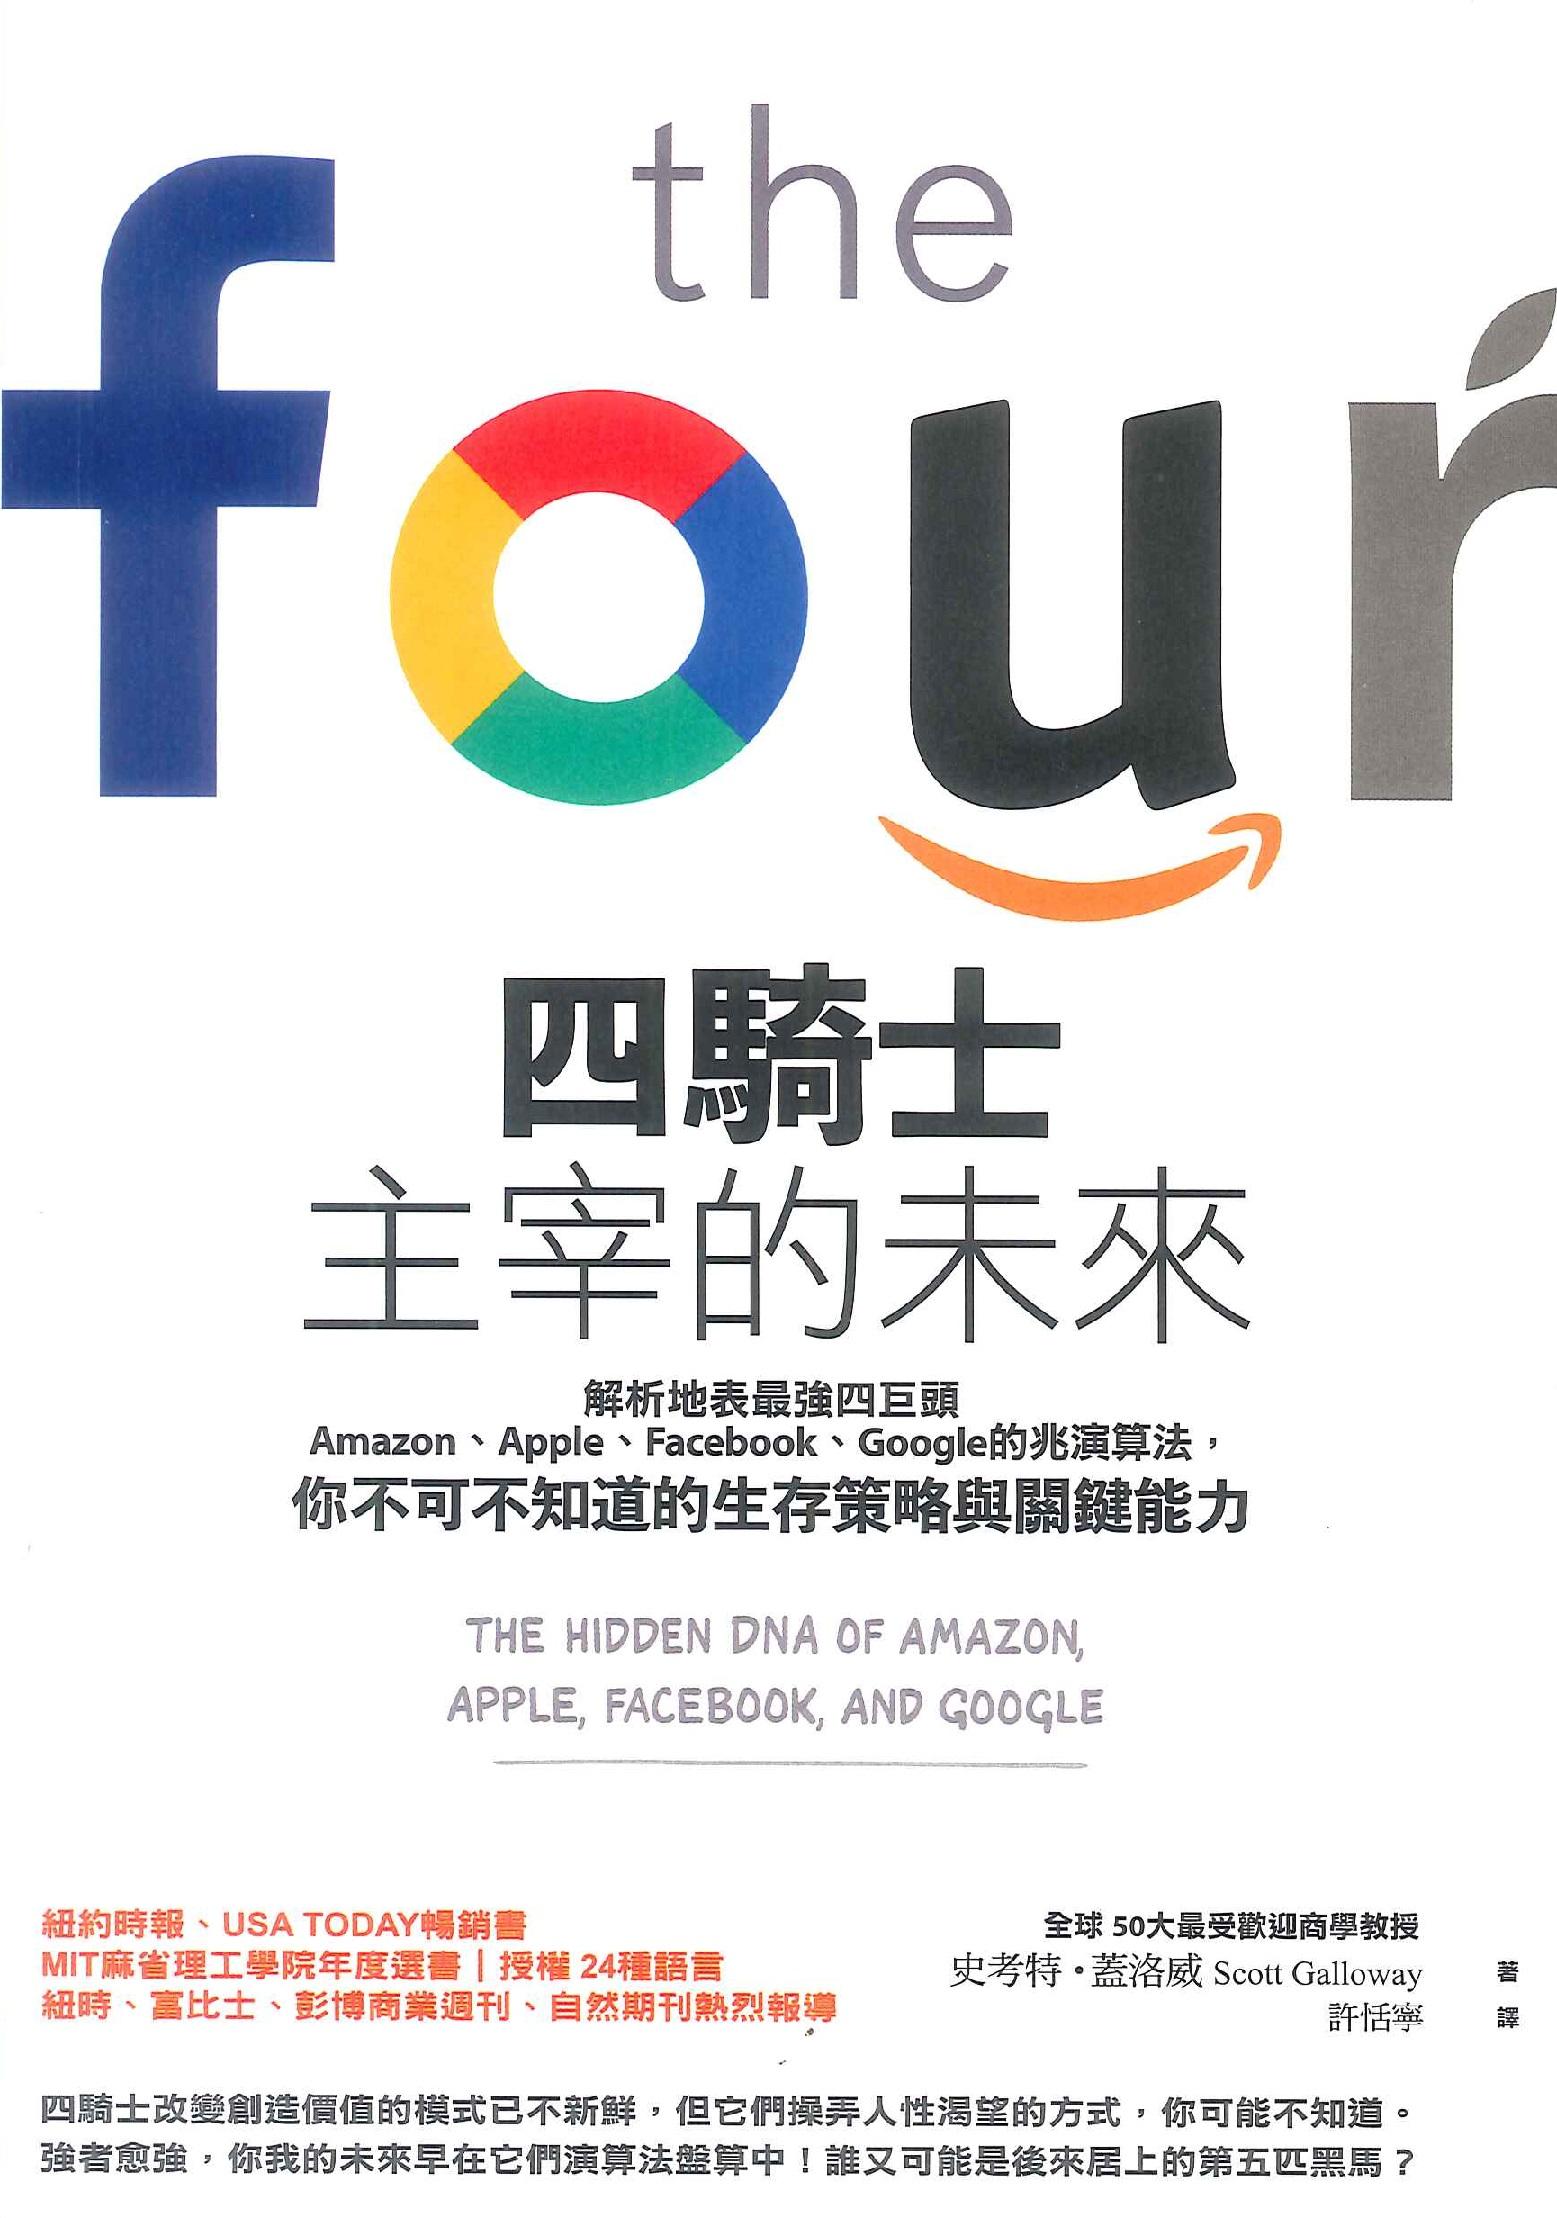 四騎士主宰的未來:解析地表最強四巨頭Amazon、Apple、Facebook、Google的兆演算法,你不可不知道的生存策略與關鍵能力